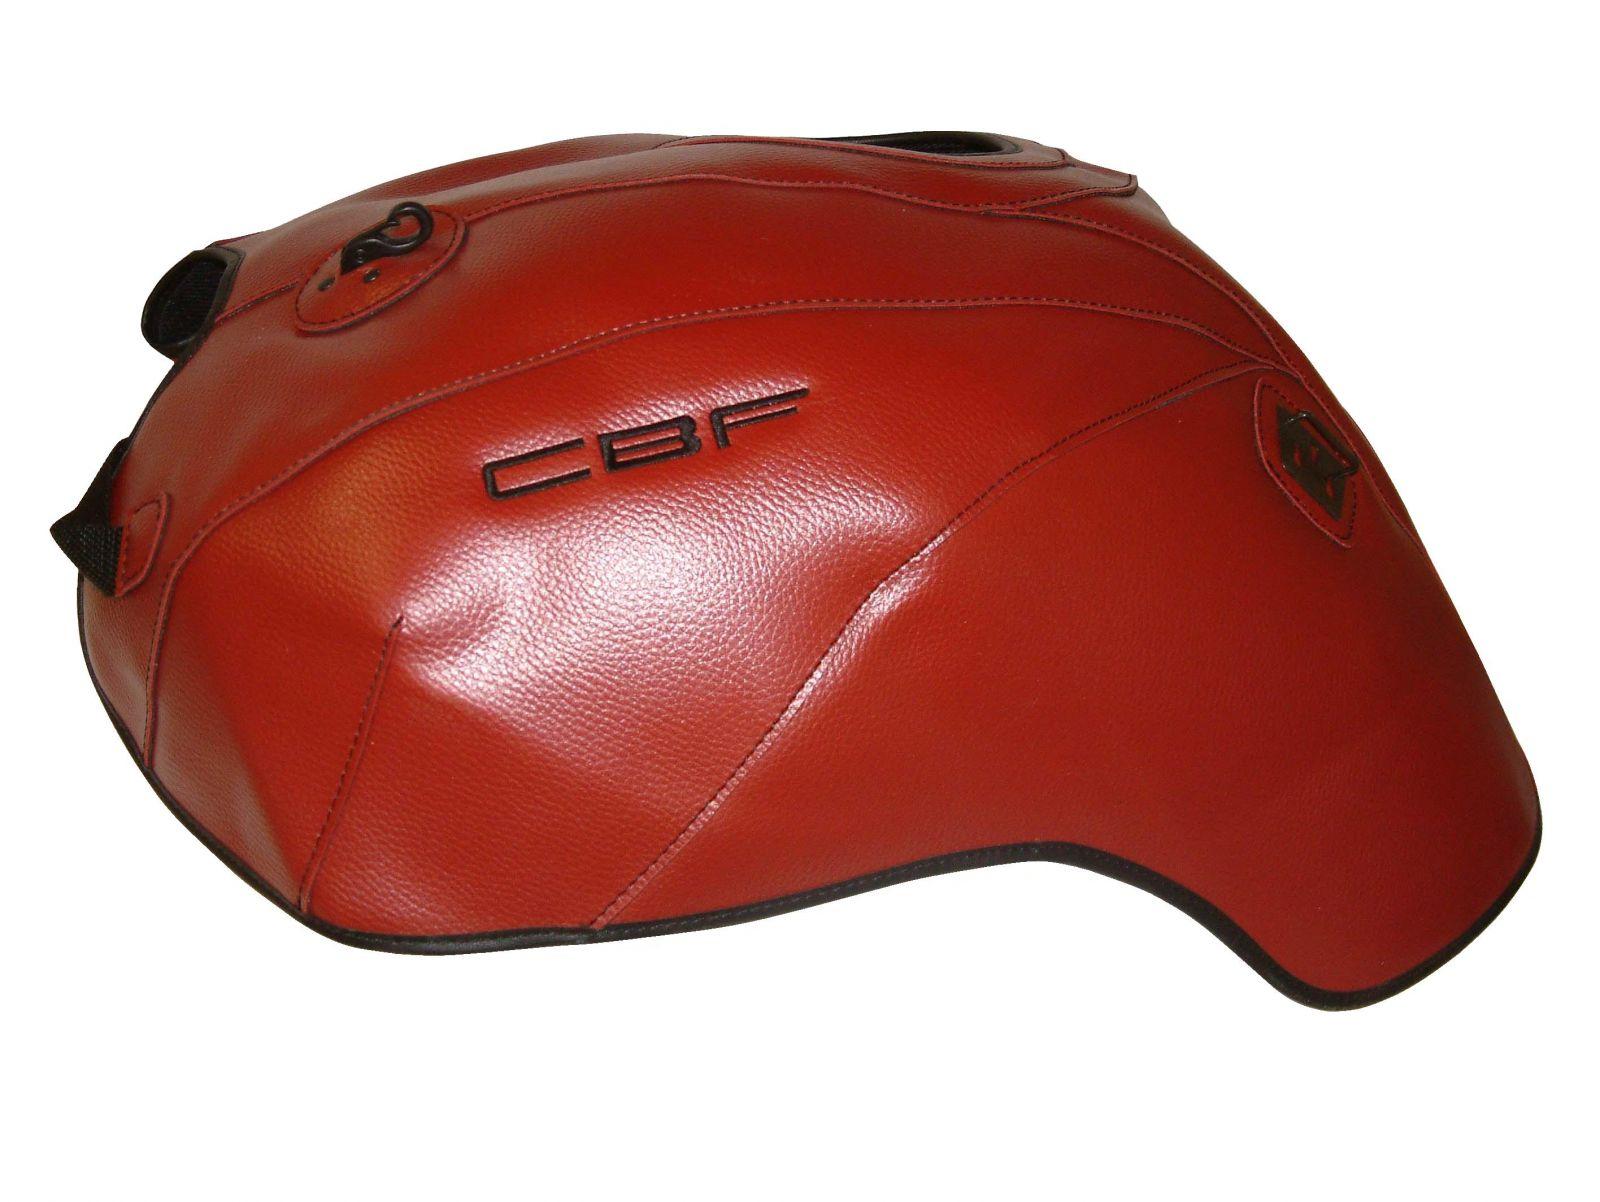 Copri serbatoio TPR4419 - HONDA CBF 500 [2004-2007]